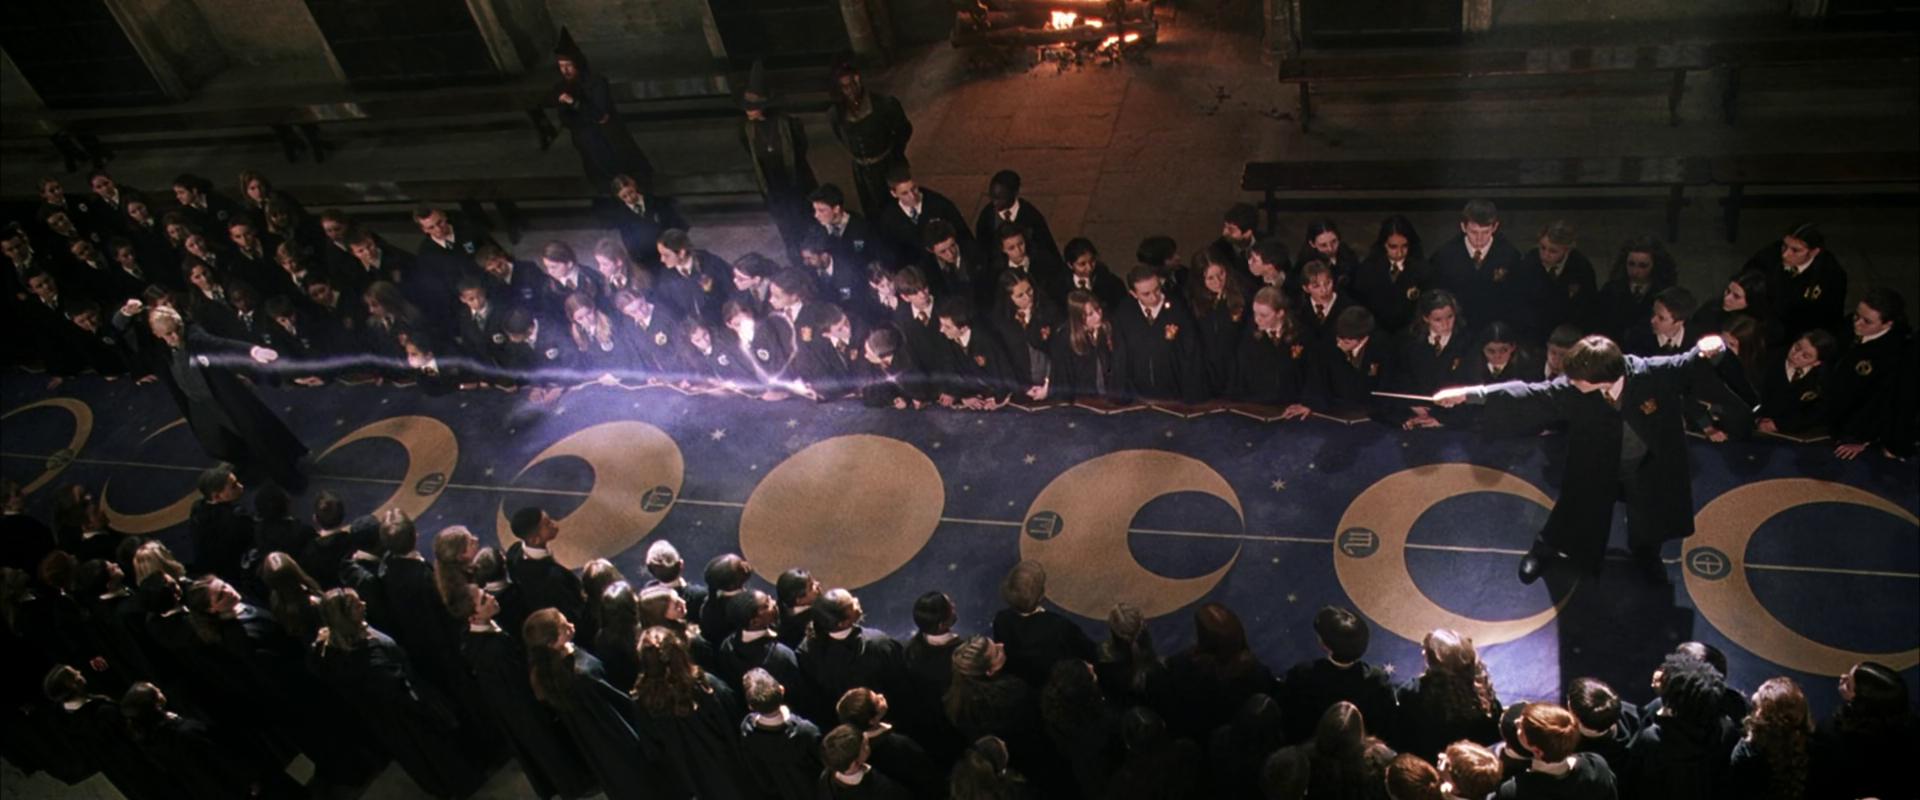 Harry Potter e la camera dei segreti.jpg